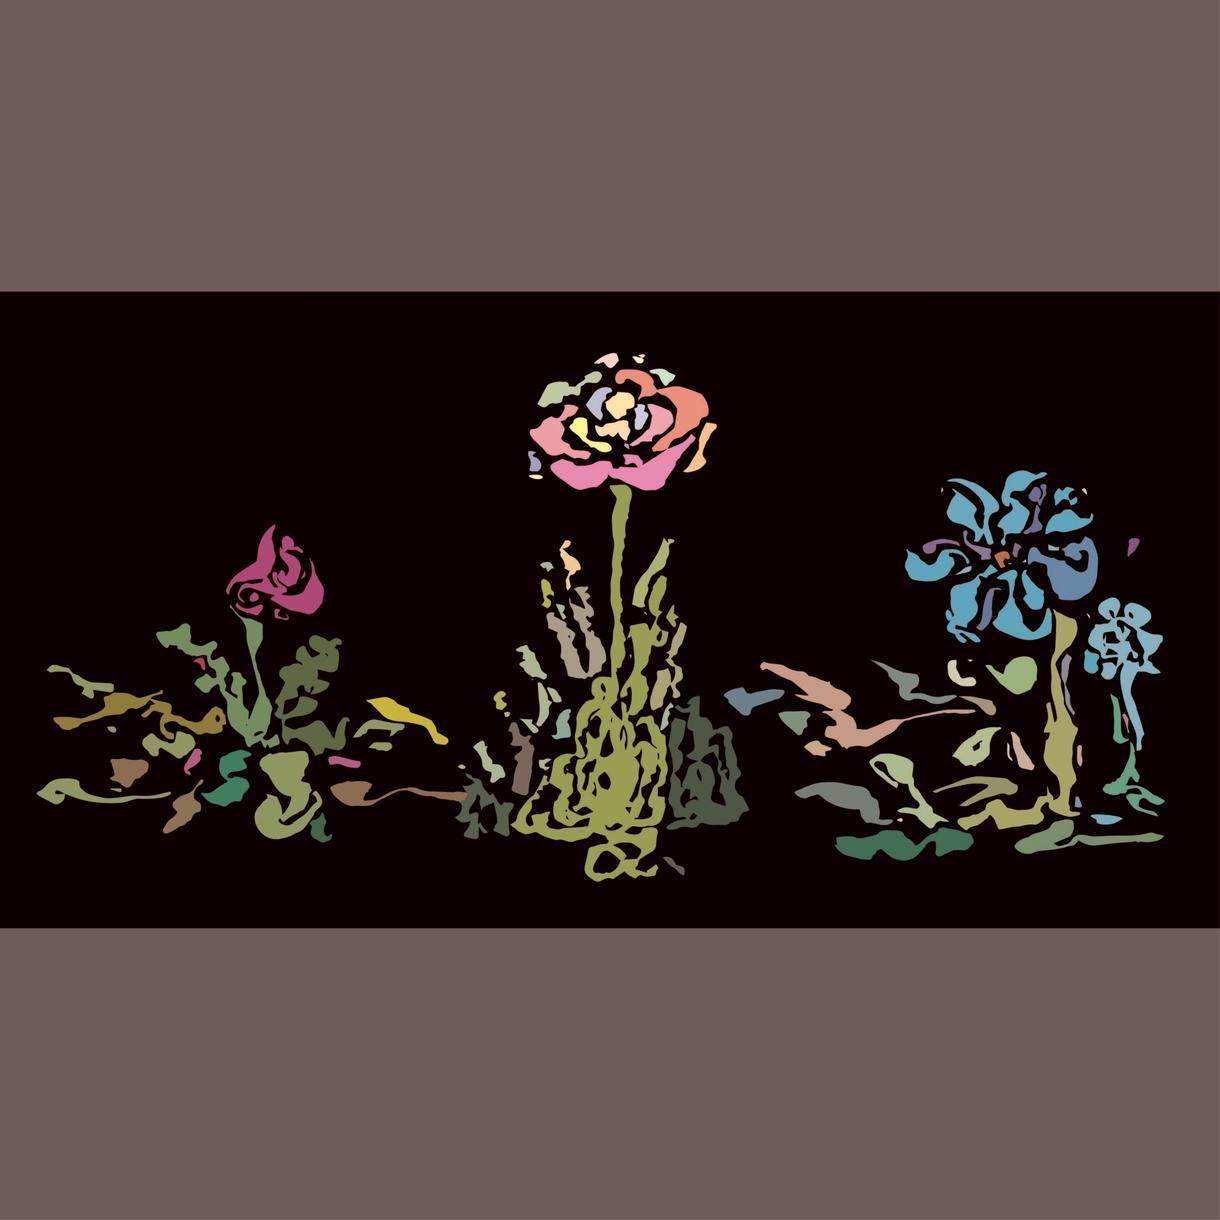 花柄の絵を描きます 花柄のイラストを使って、デザインをしたい方に。